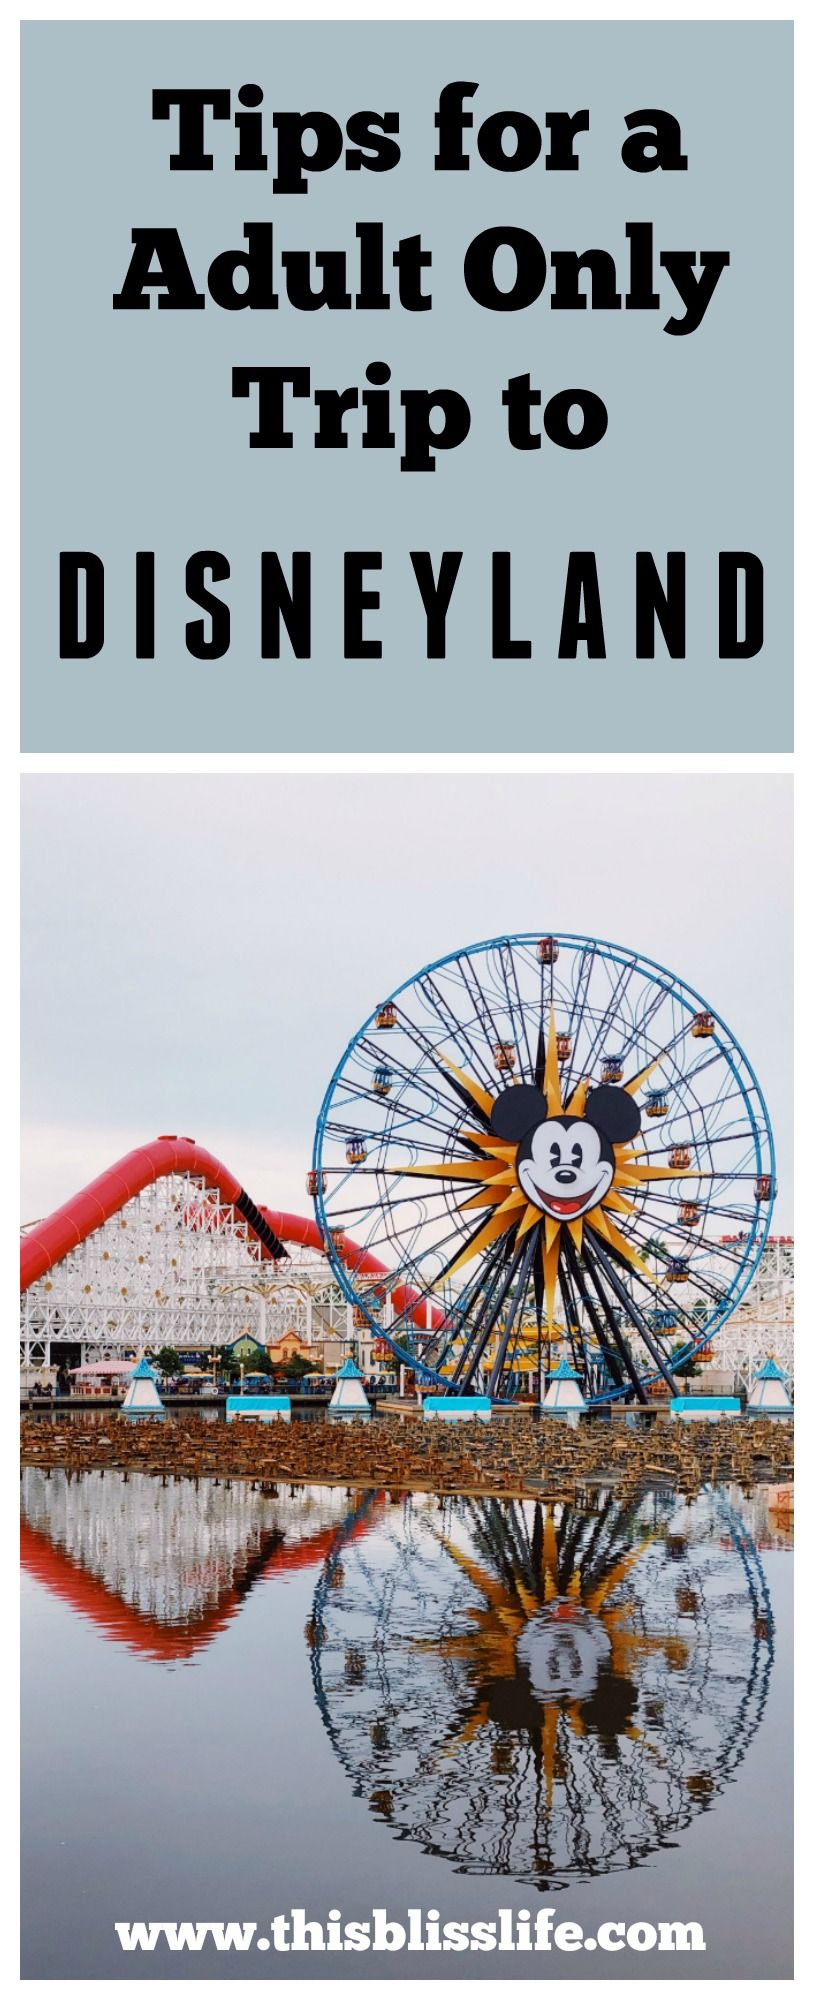 Photo of Tipps für eine Reise nur für Erwachsene nach Disneyland